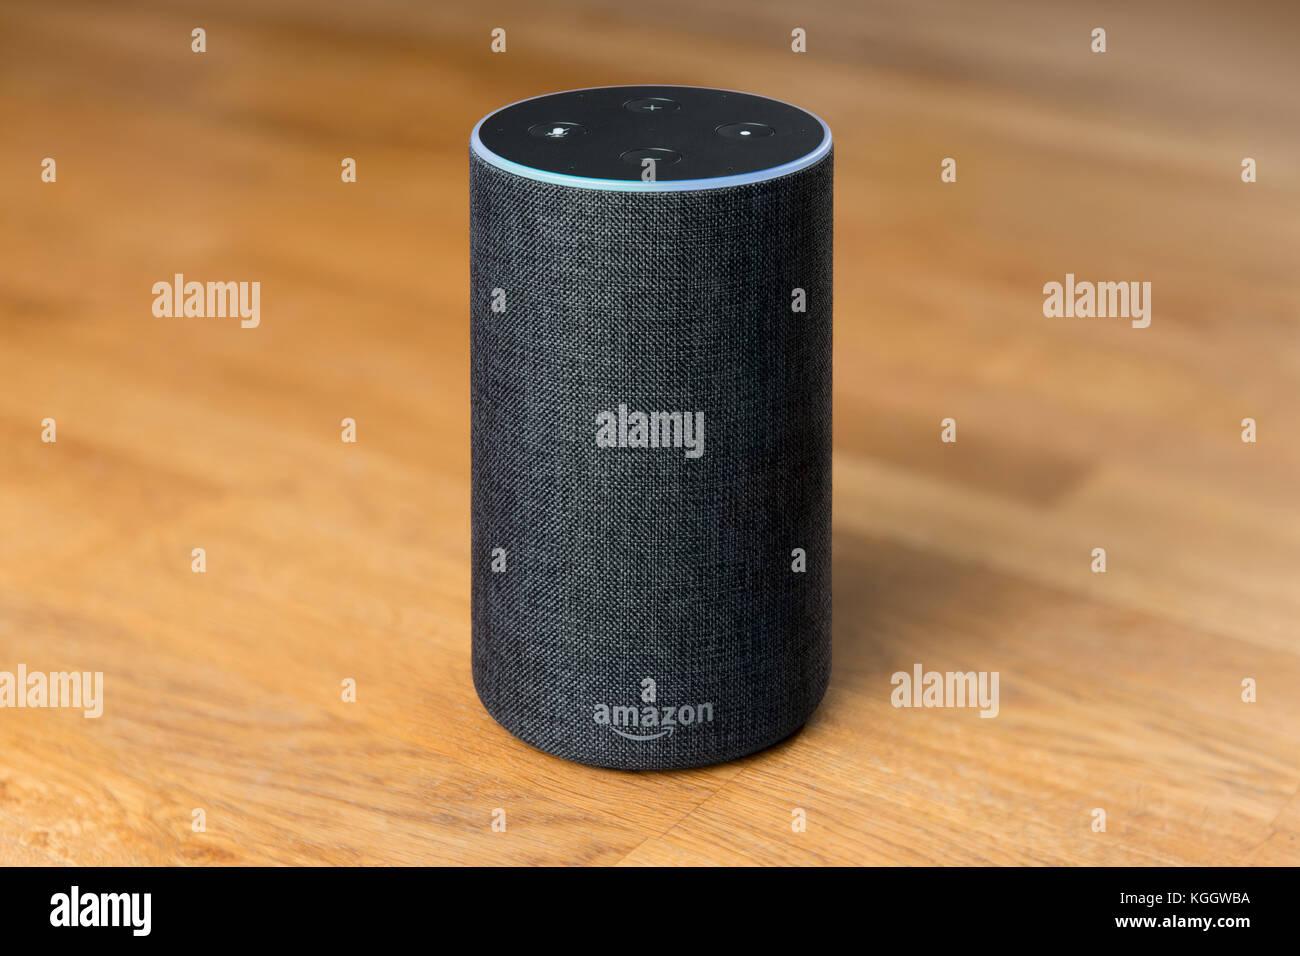 2017 La libération d'un fusain Amazon Echo (2e génération) smart speaker et un assistant intelligent Photo Stock